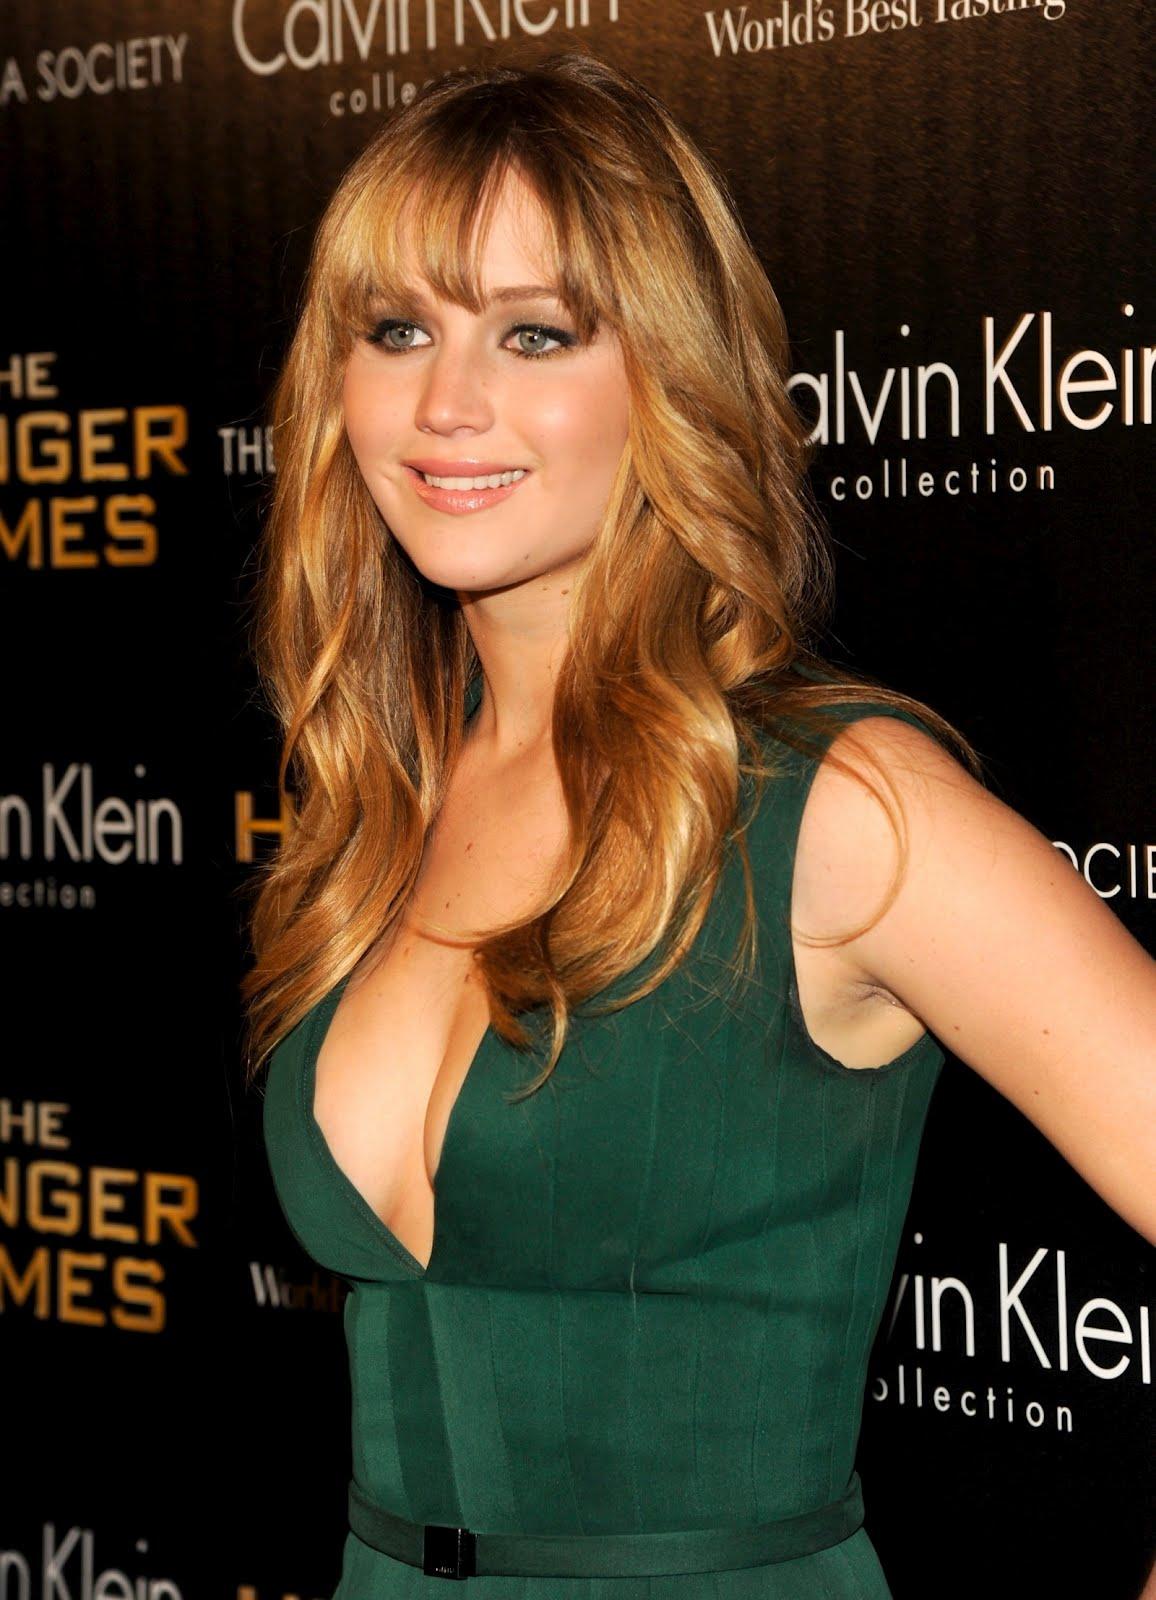 http://1.bp.blogspot.com/-bBvxg-2w-NM/T2o8_VIXruI/AAAAAAAAPhE/kImg6DsXd0Y/s1600/Jennifer_Lawrence_hollywood_beauty_picture_premiere_hoty.jpg